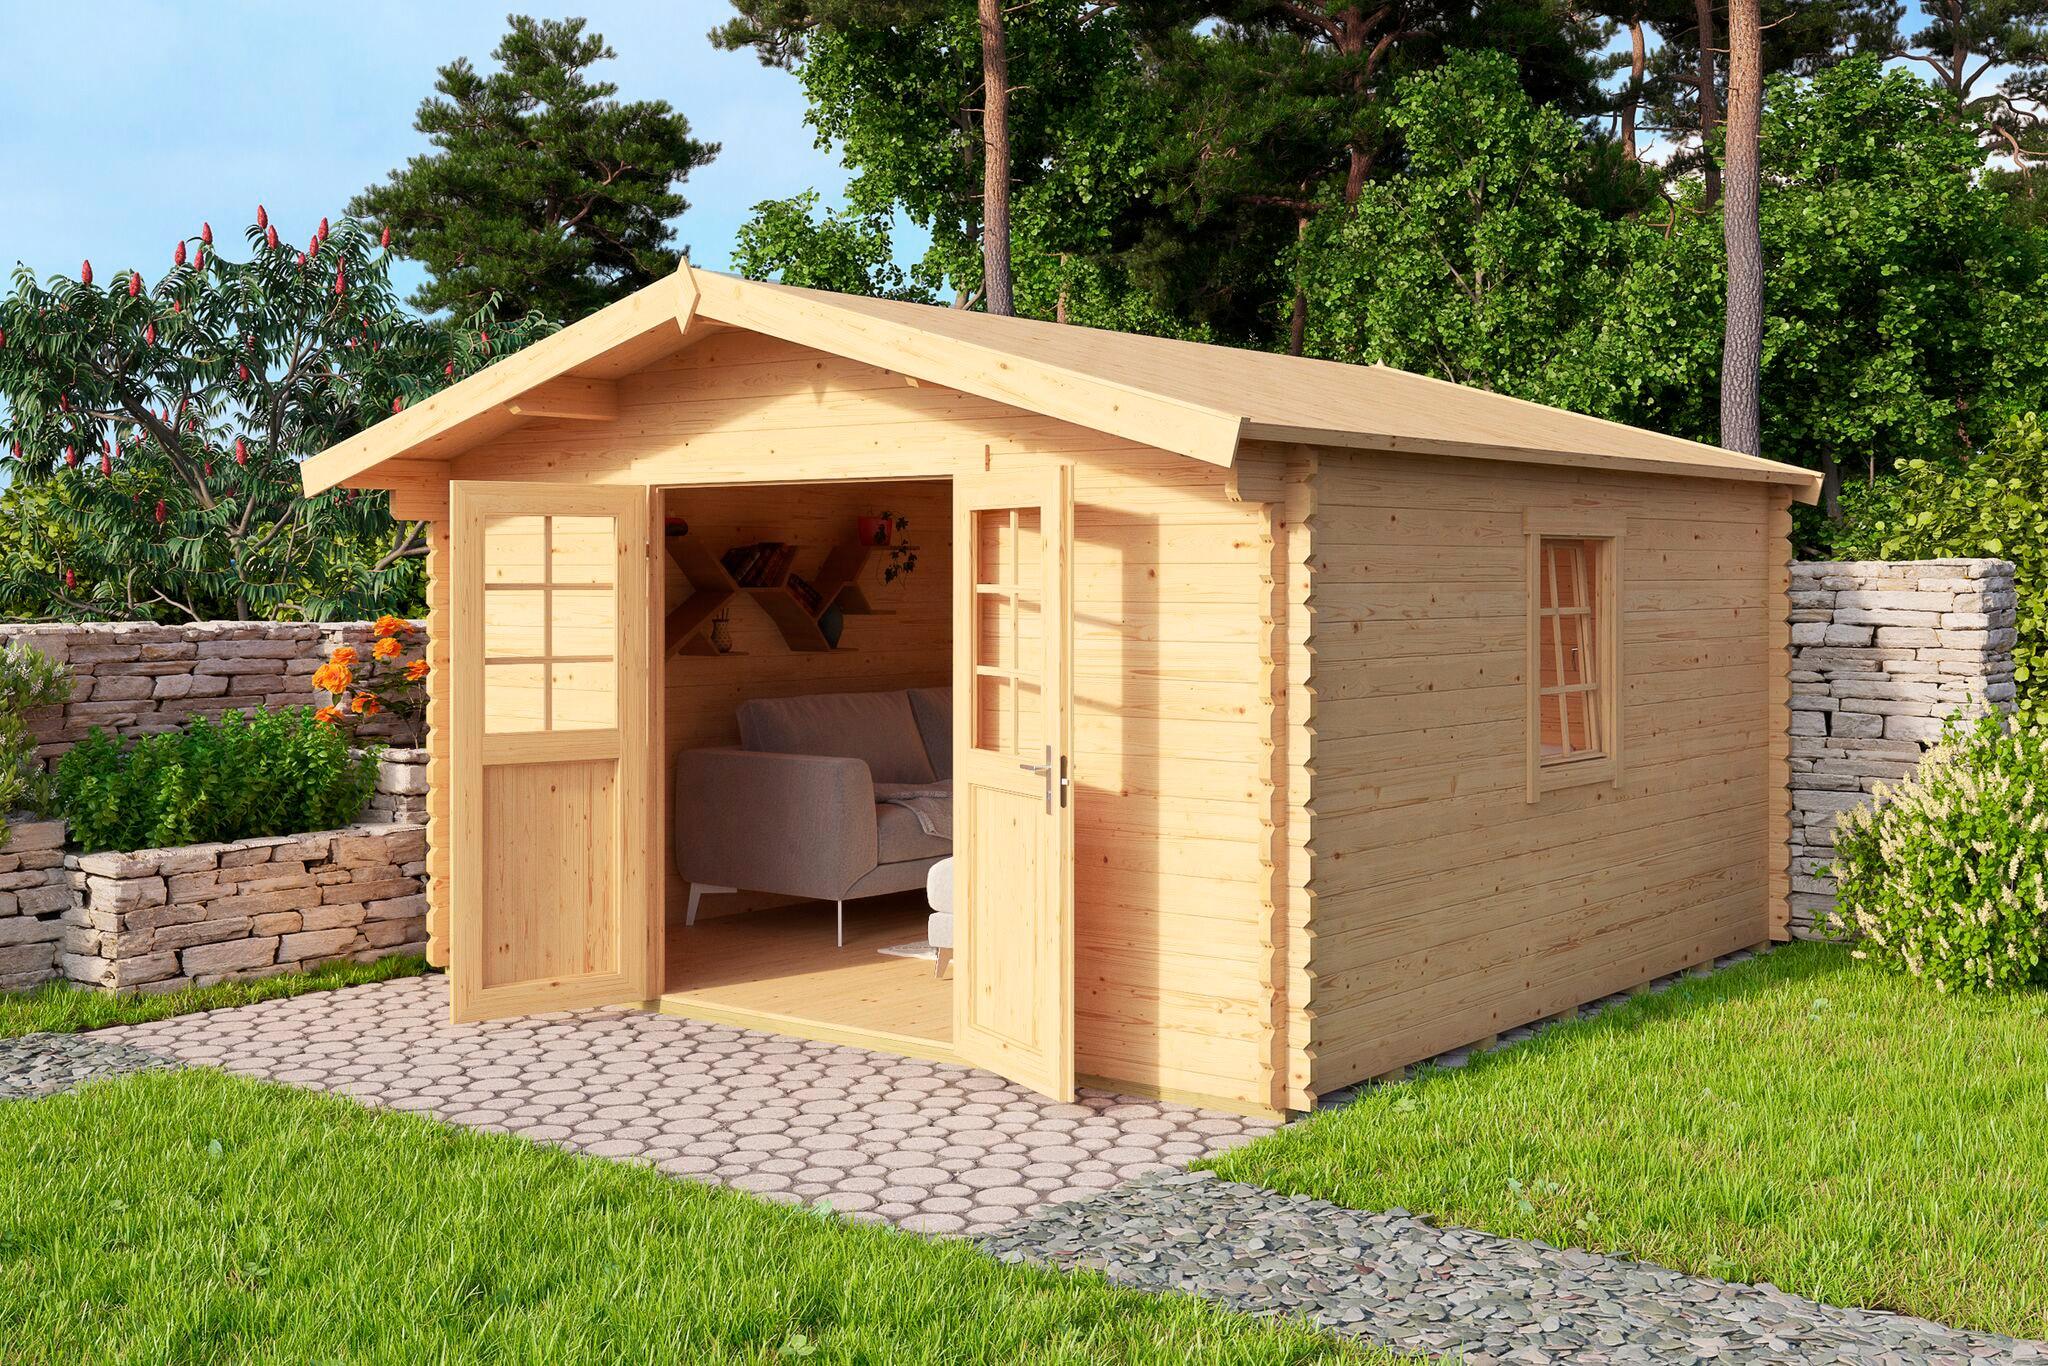 Gartenhaus Mit Fußboden Kaufen ~ Nordic holz gartenhaus nienstedten « bxt cm inkl